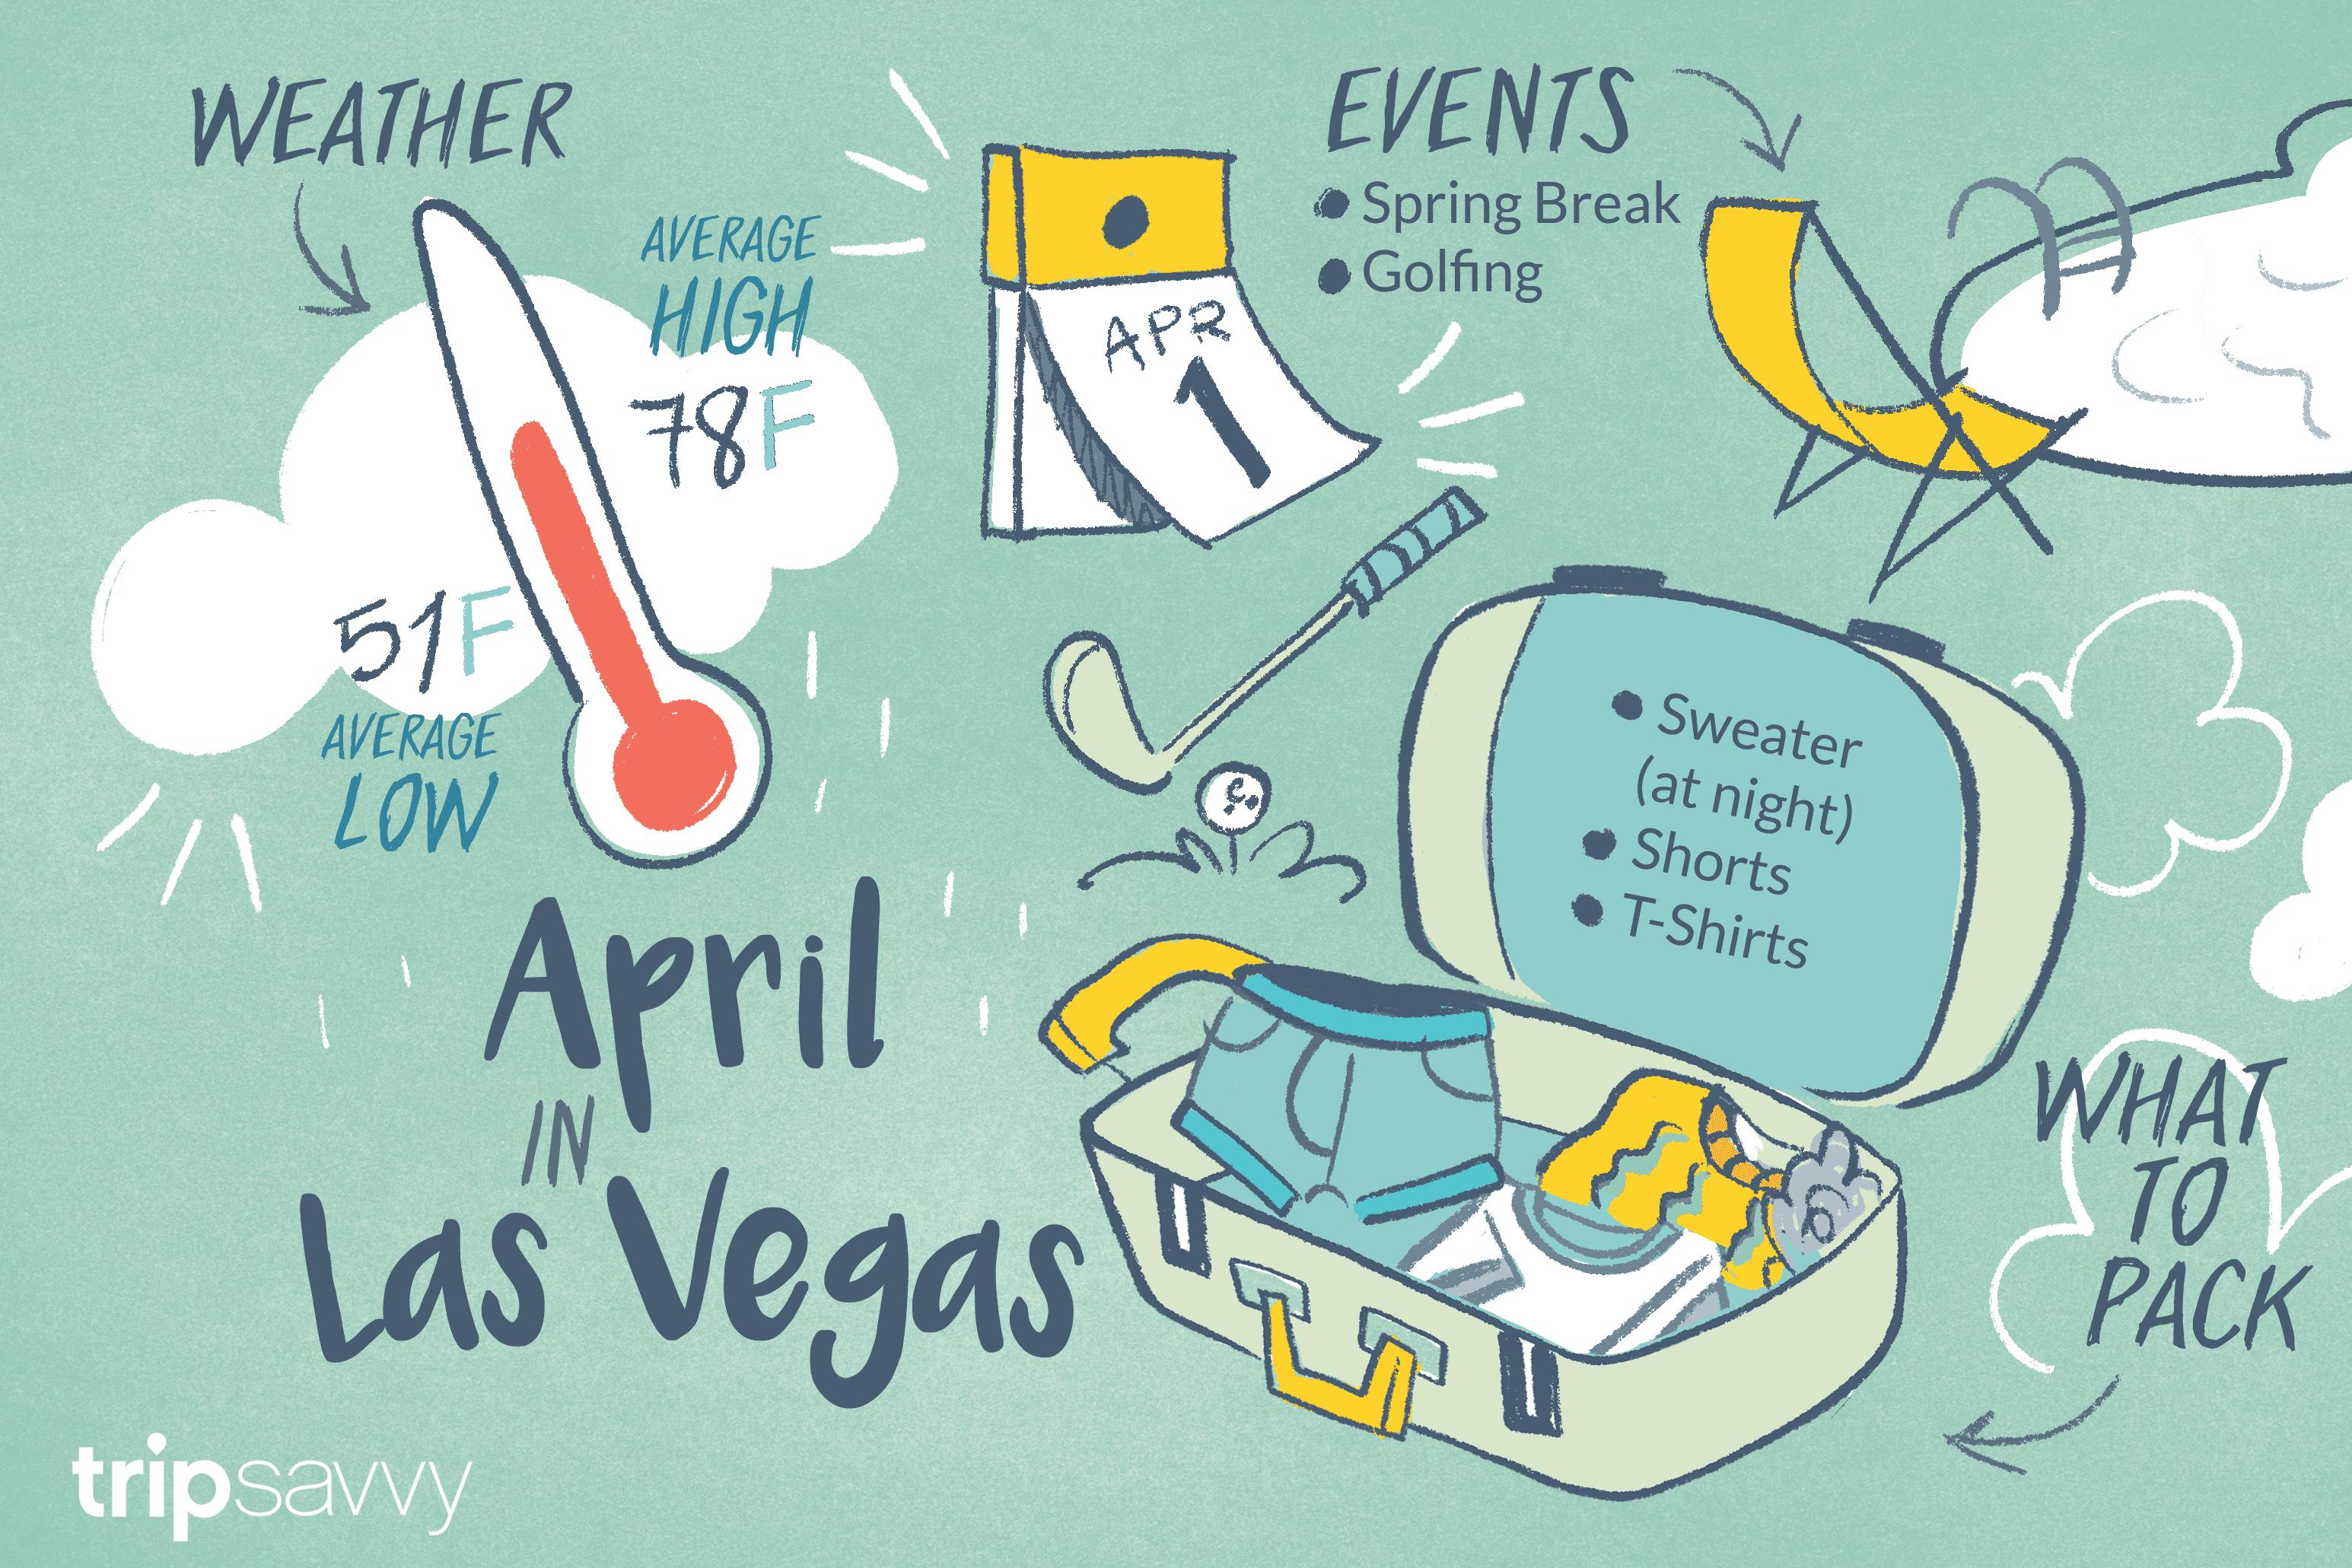 Average Temperatures In April In Las Vegas